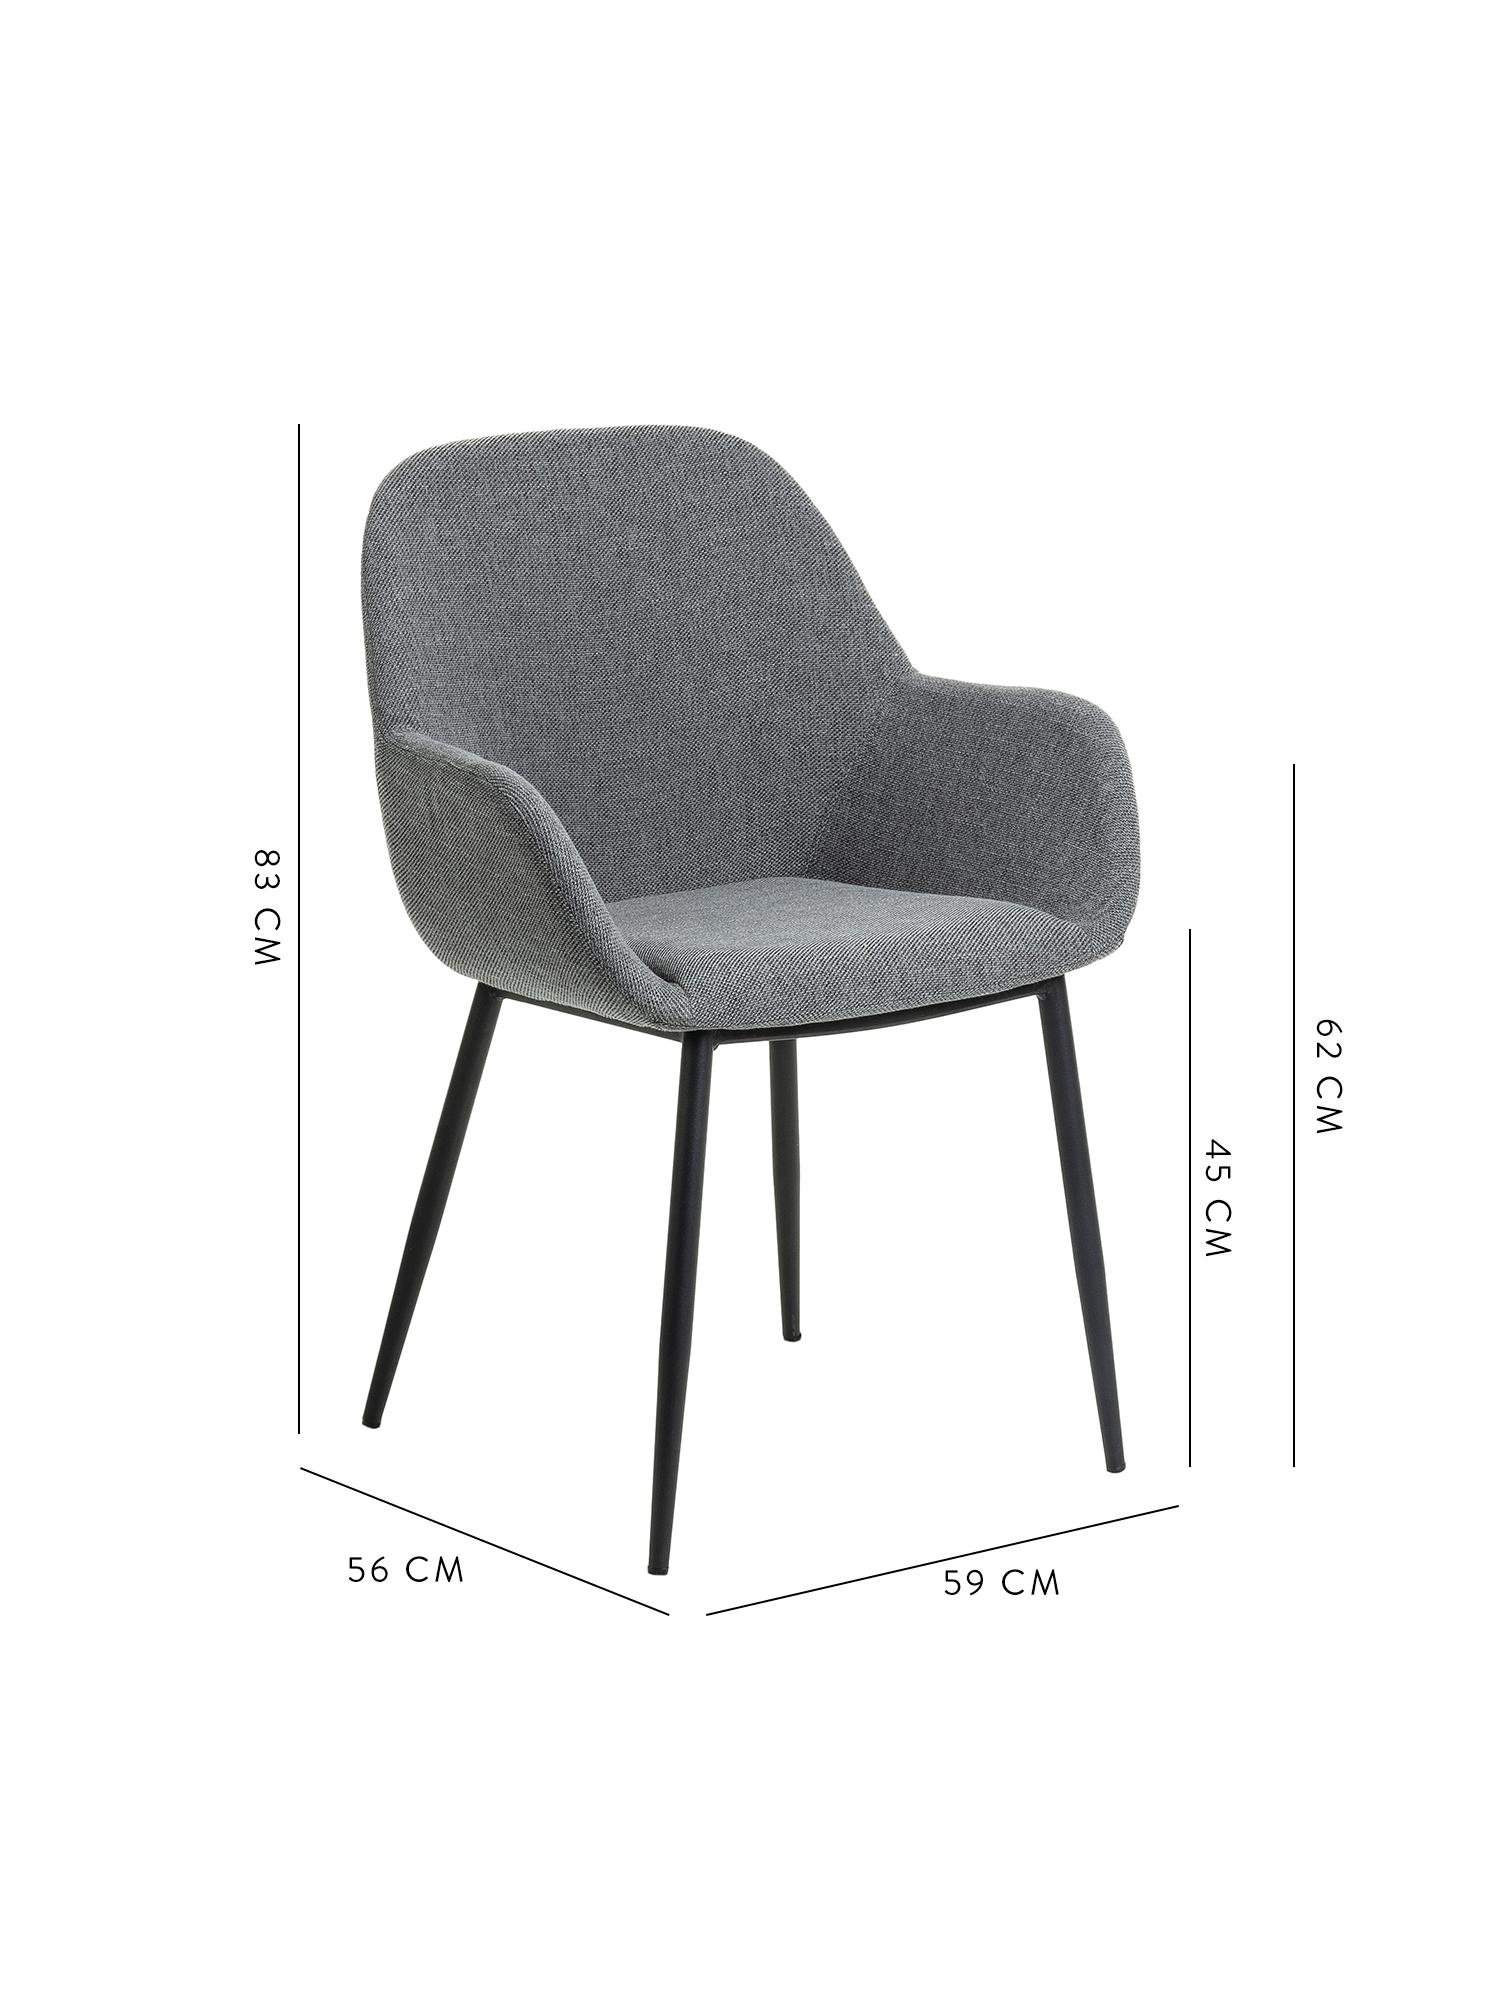 Armlehnstühle Kona, 2 Stück, Bezug: Polyester Der hochwertige, Beine: Metall, lackiert, Webstoff Grau, B 59 x T 56 cm